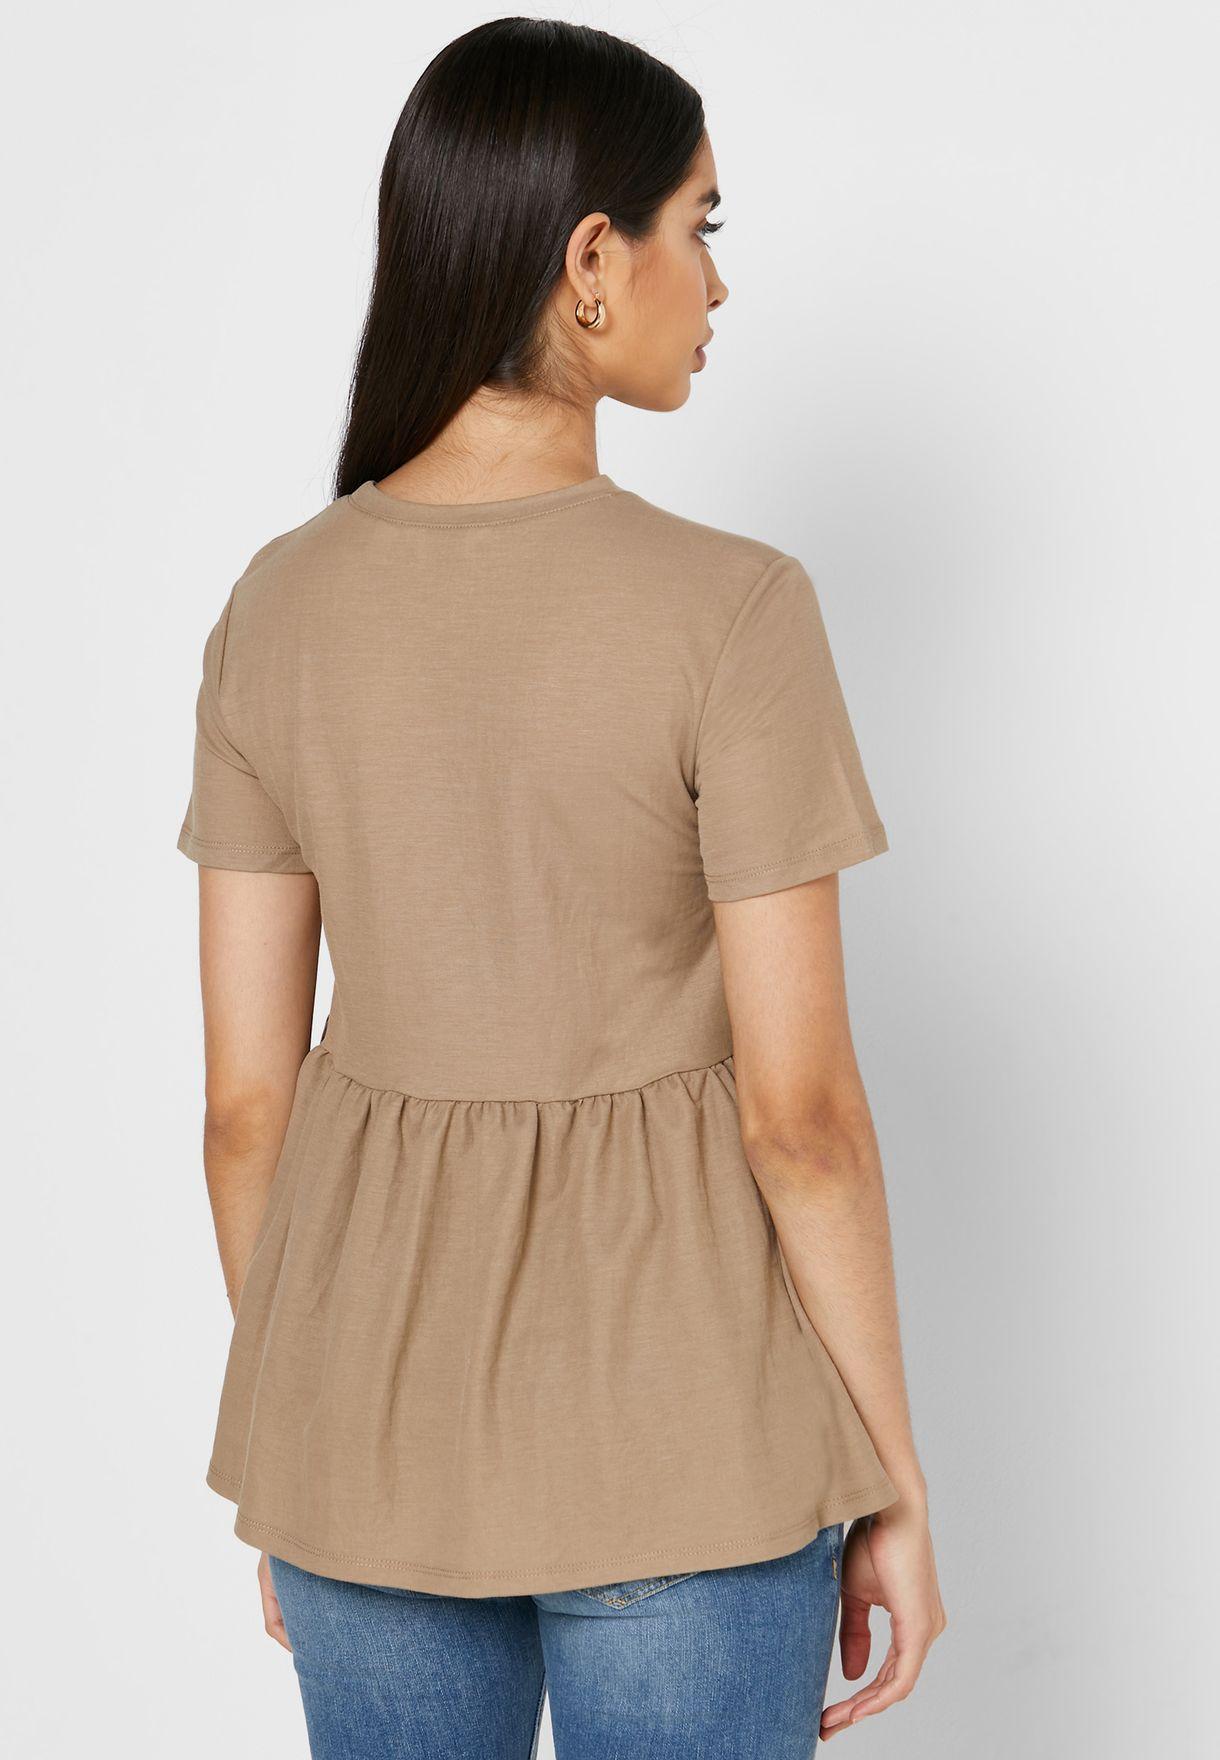 Round Neck Peplum T-Shirt